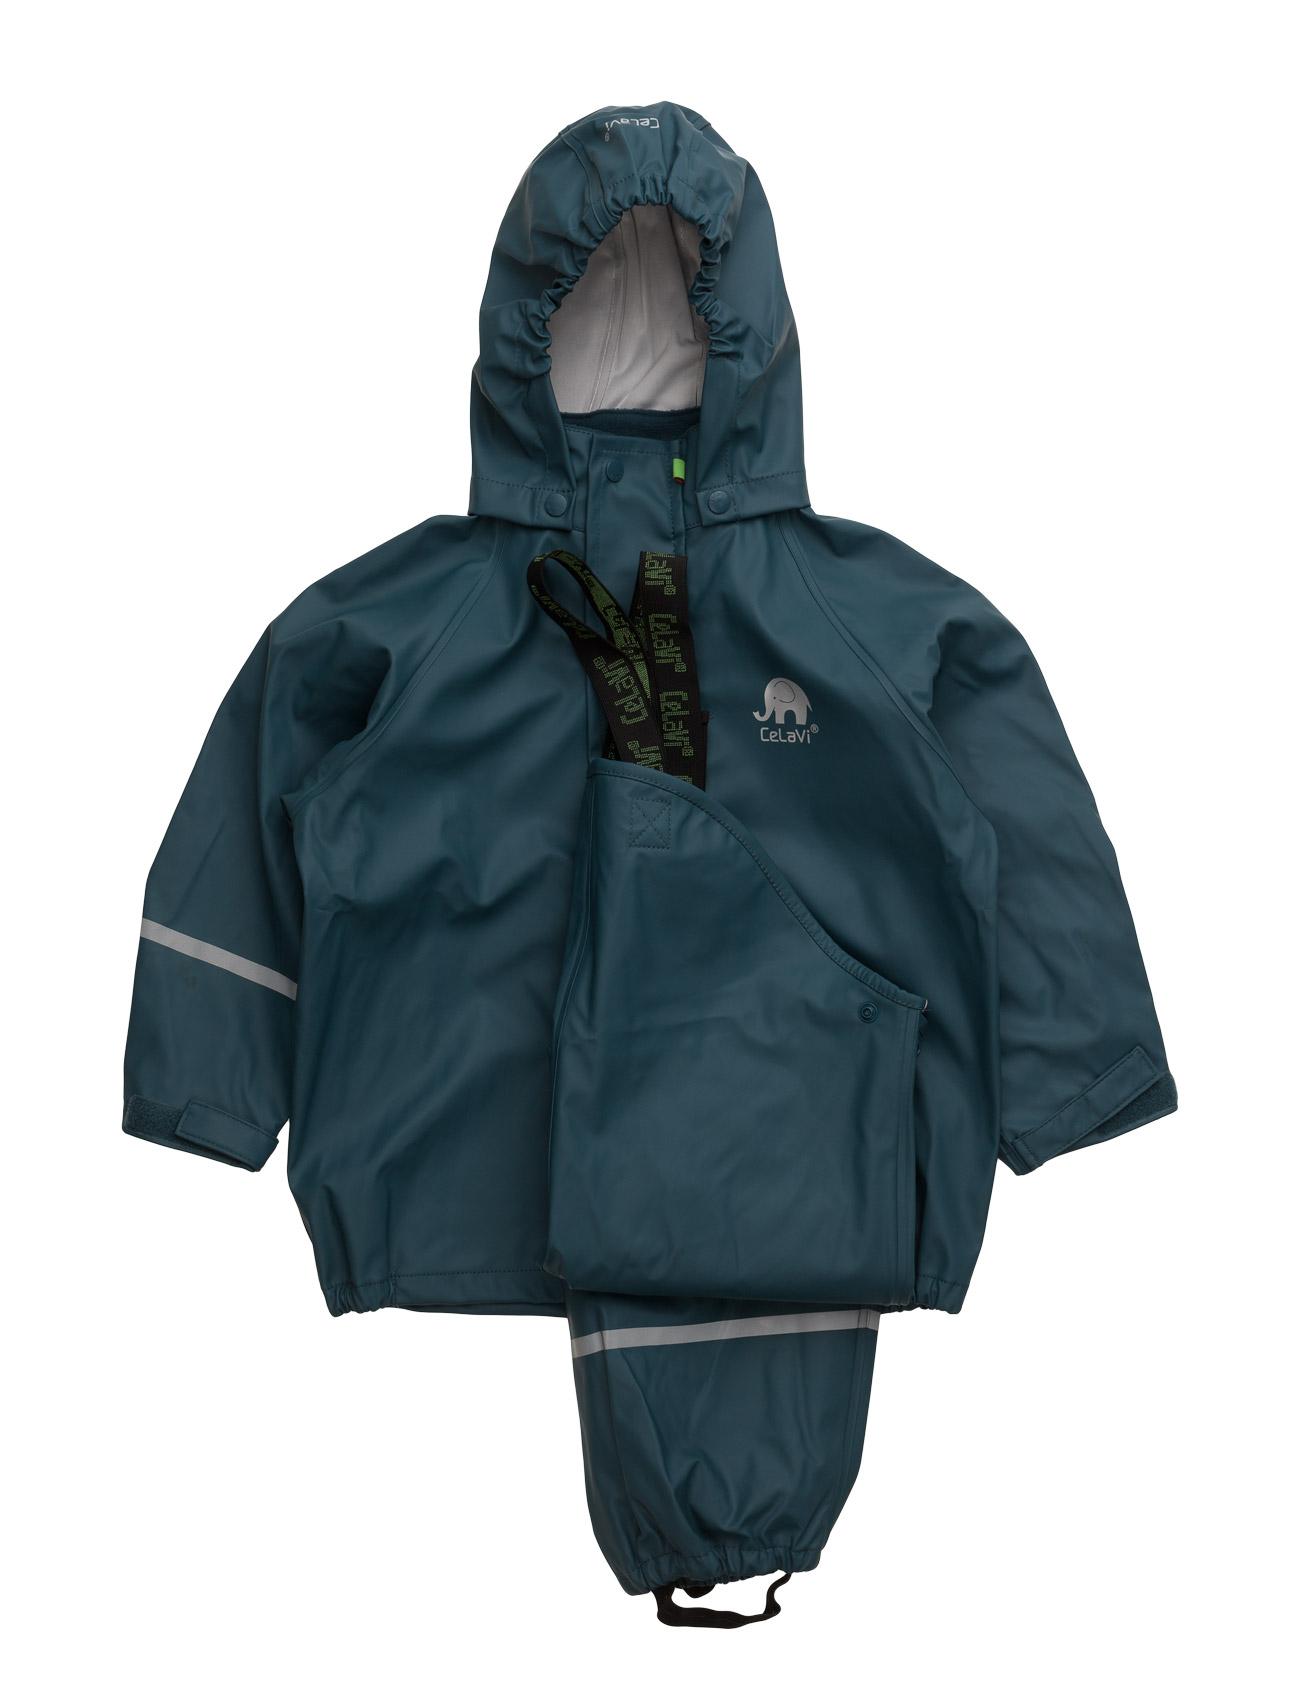 Basci Rainwear Set, Solid CeLaVi Overtøj til Drenge i